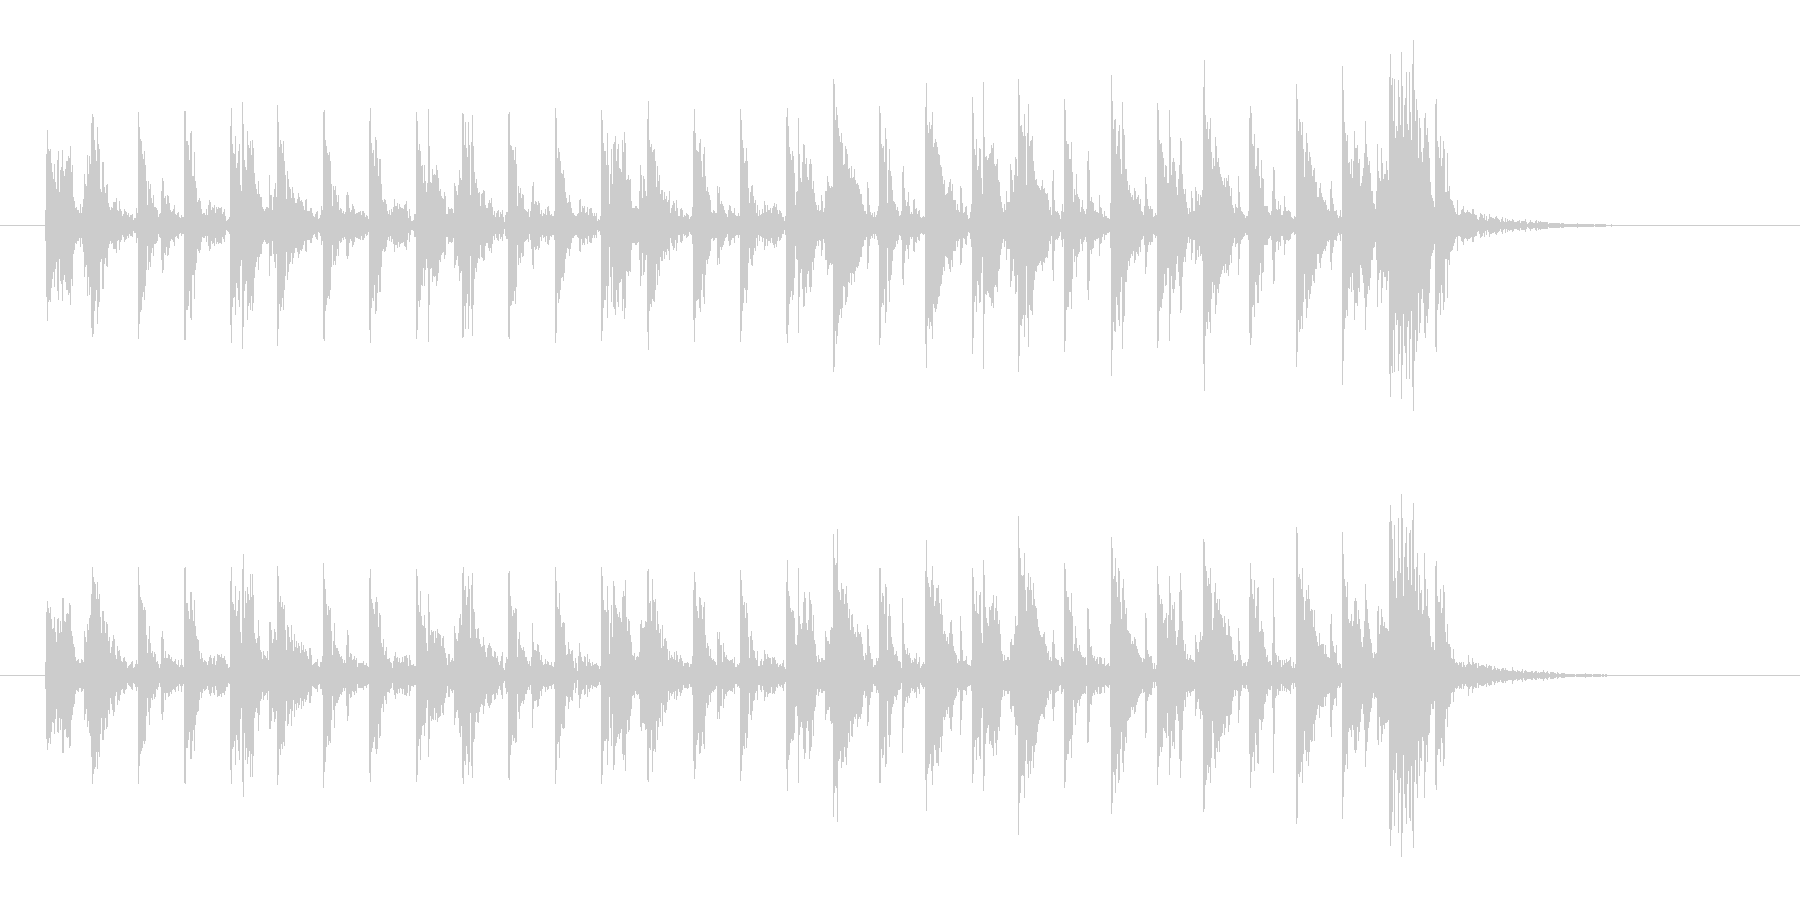 アップテンポな不思議な音楽の未再生の波形